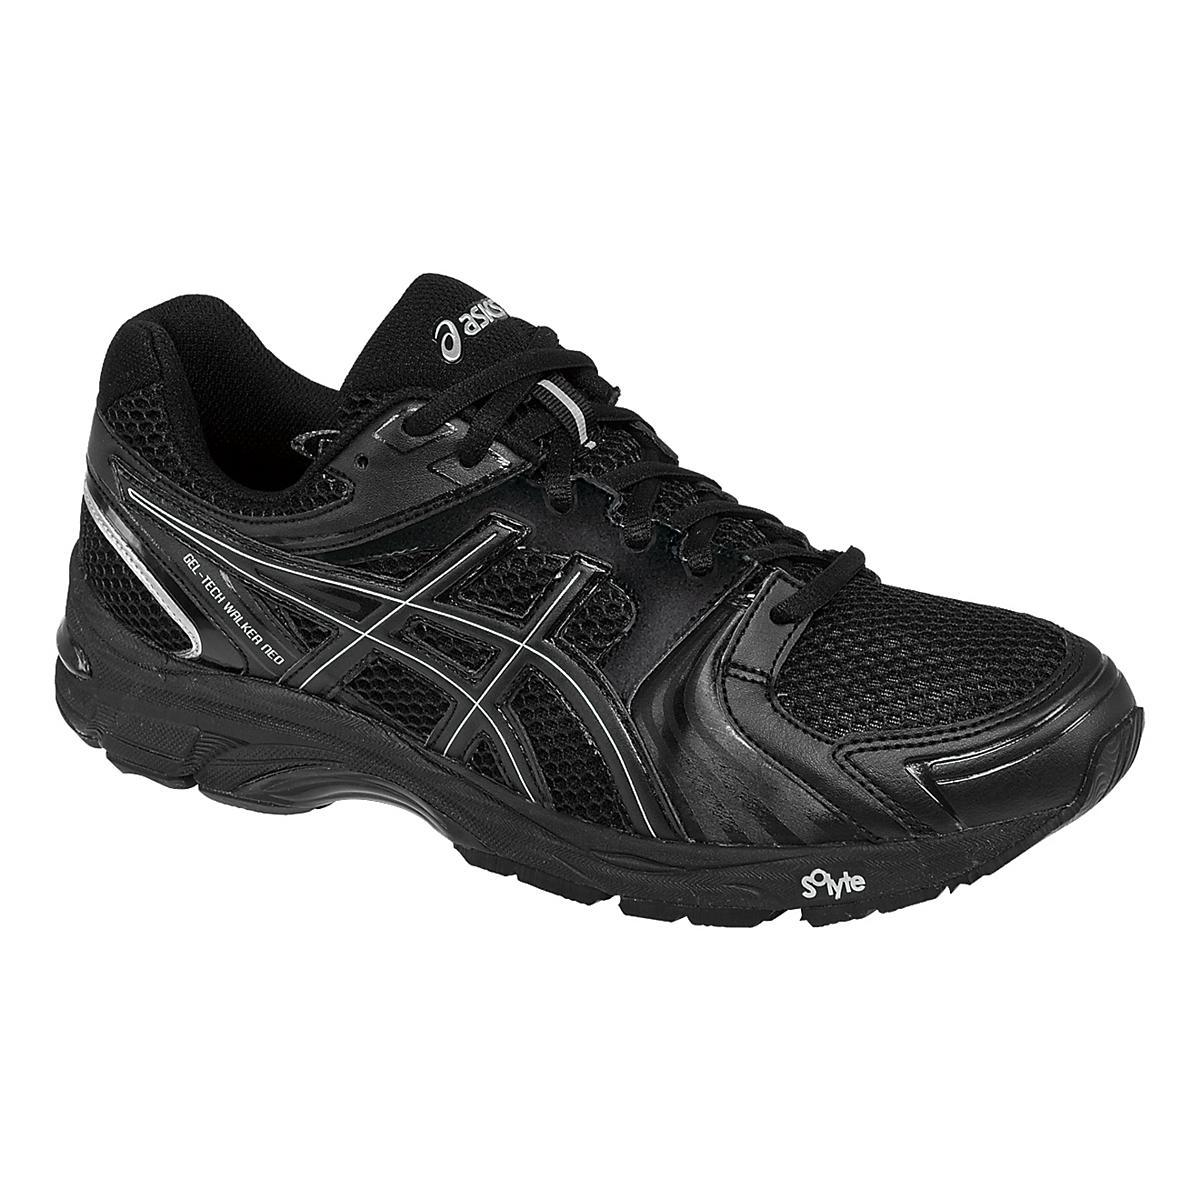 Mens Asics Gel Tech Walker Neo 4 Walking Shoe At Road